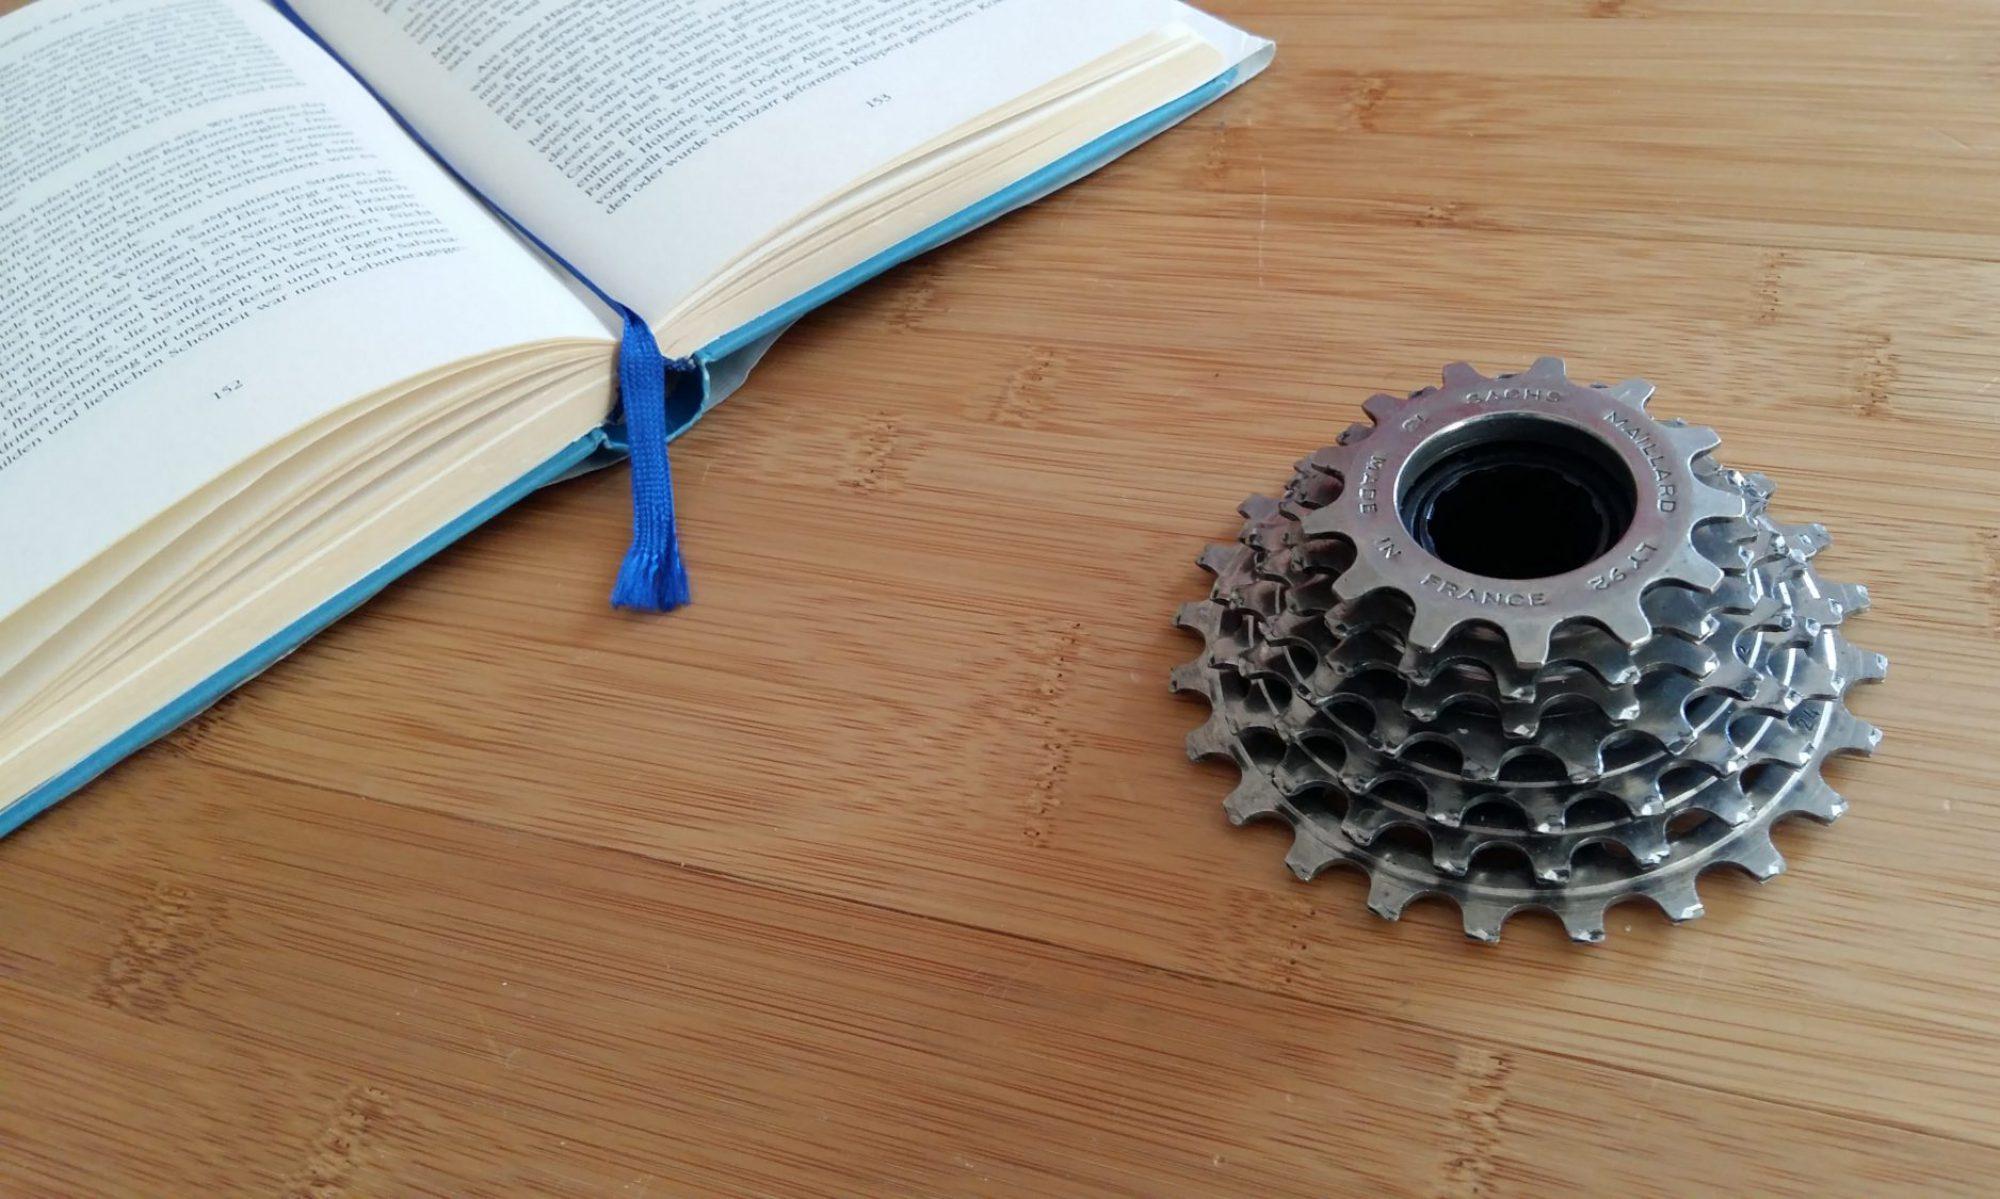 seblog.de | Fahrradgeschichten